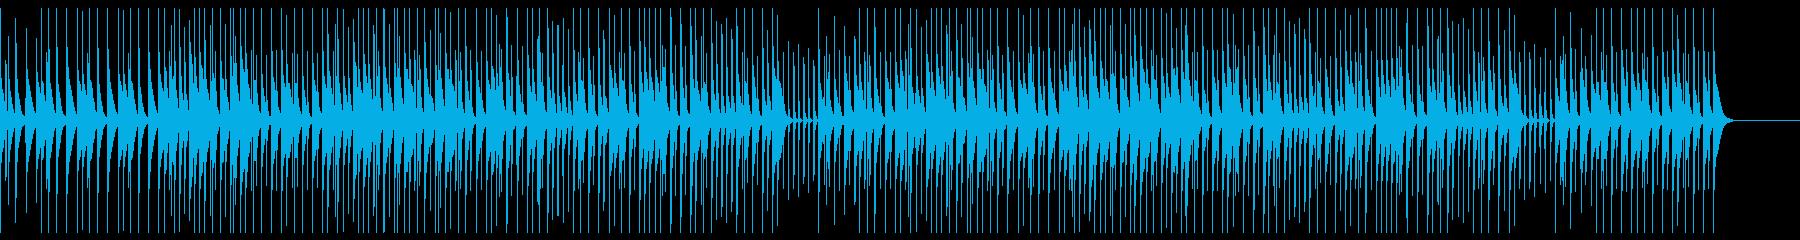 わくわく・ほんわか日常BGM(マリンバ)の再生済みの波形